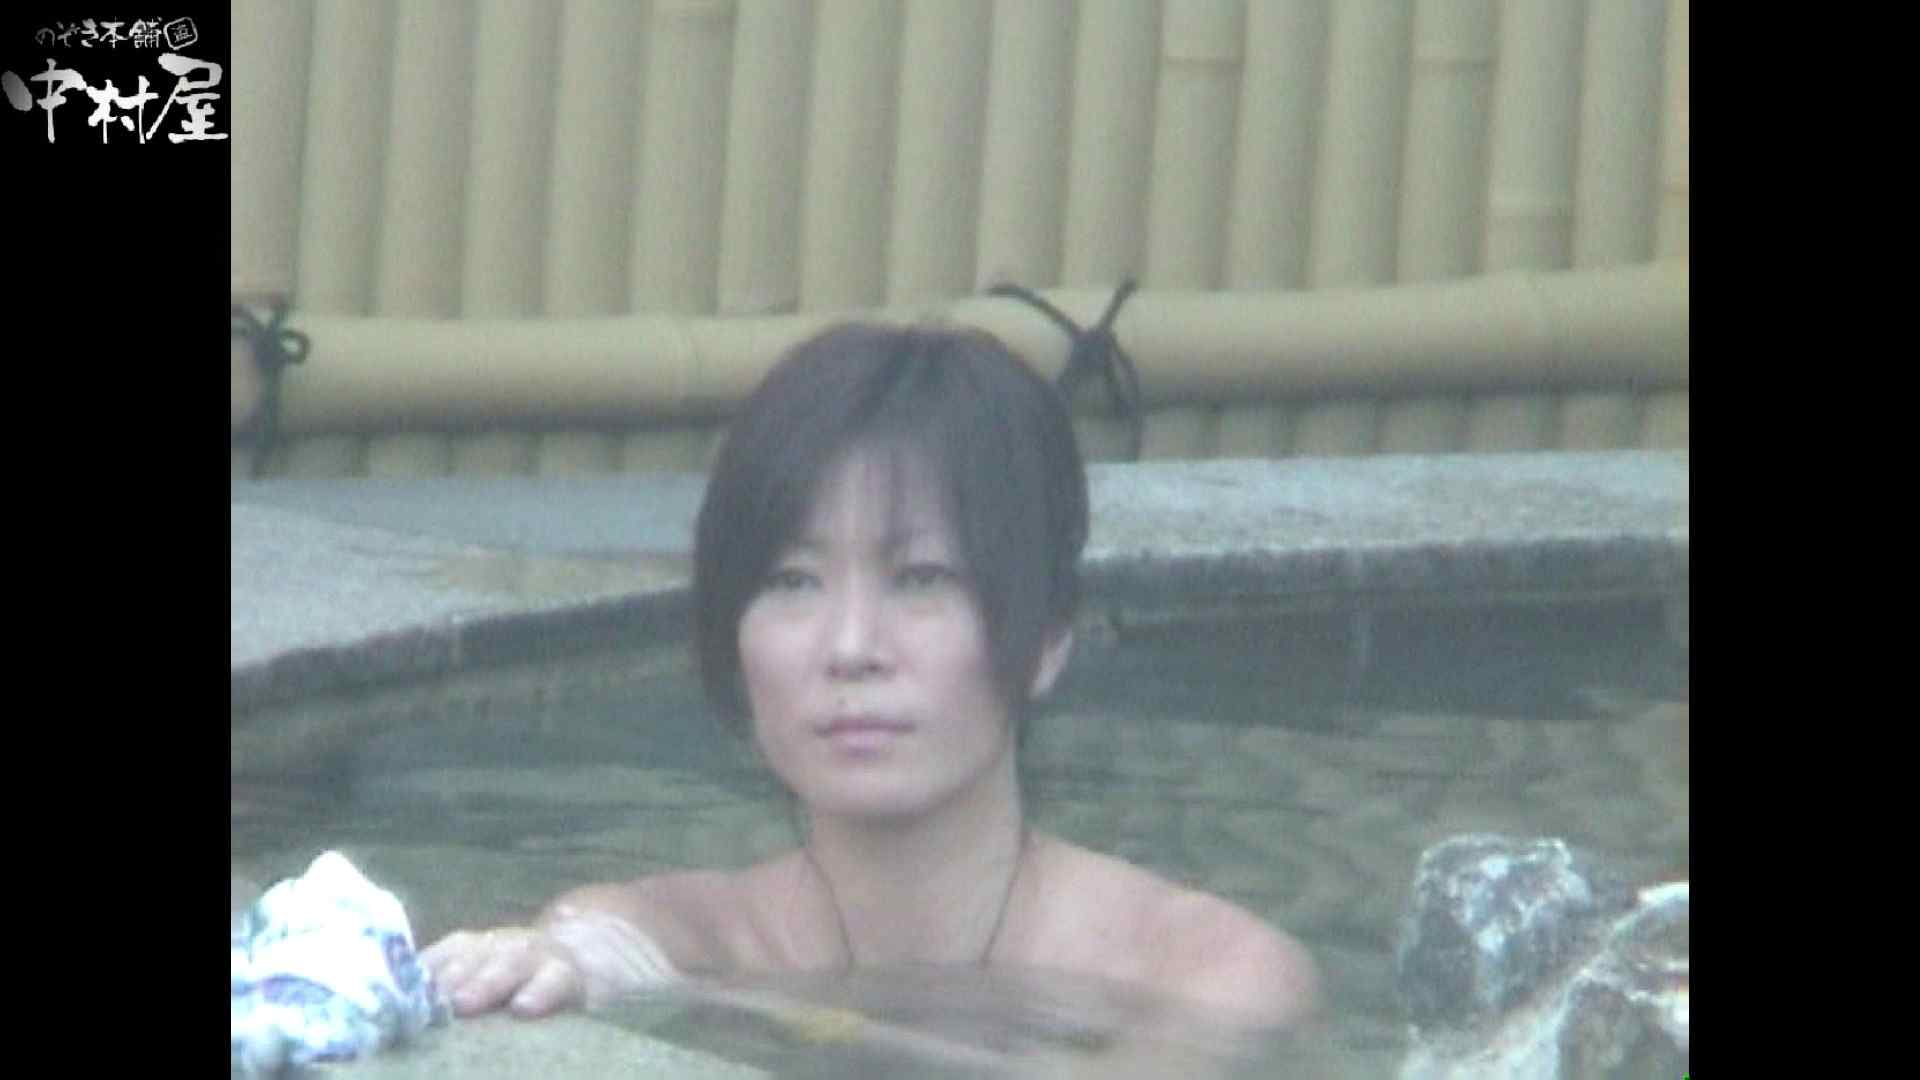 Aquaな露天風呂Vol.972 OLのエロ生活   盗撮  105連発 88